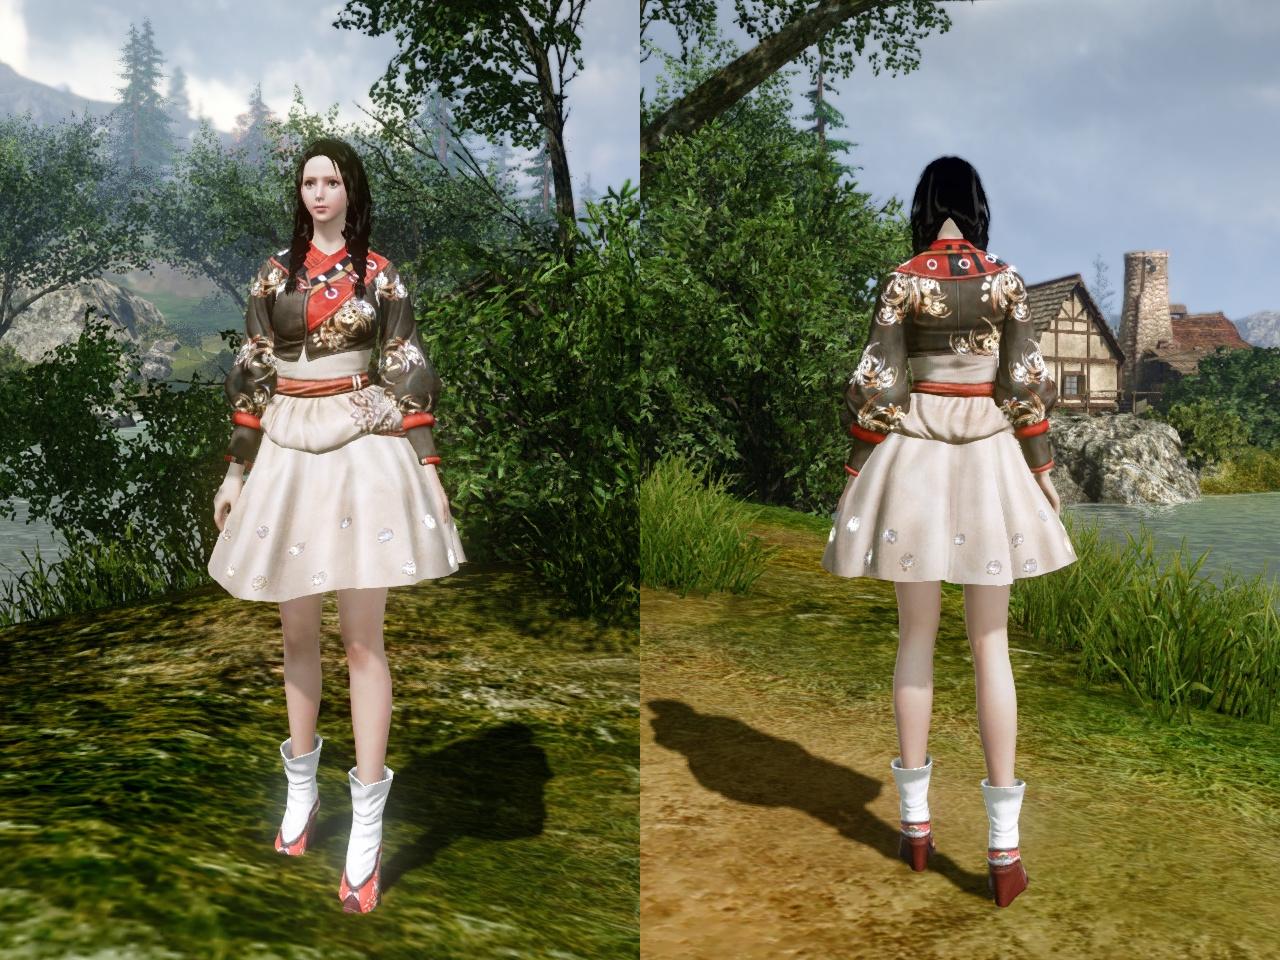 秋色のベロエ伝統衣装 前・背中